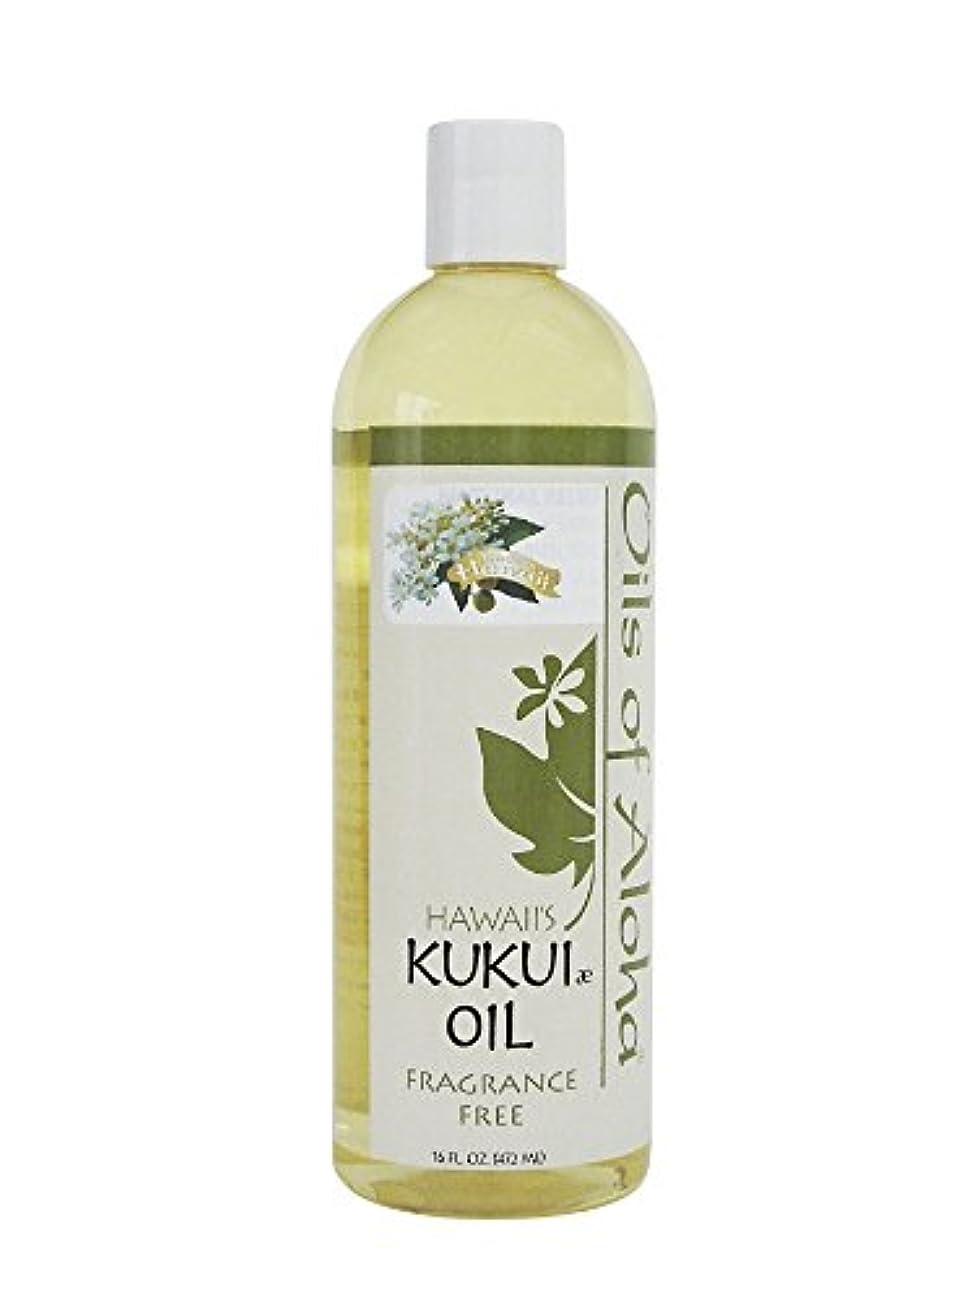 発生私たち自身所有者Kukui Skin Oil Fragrance Free/無香料/472ml/16oz